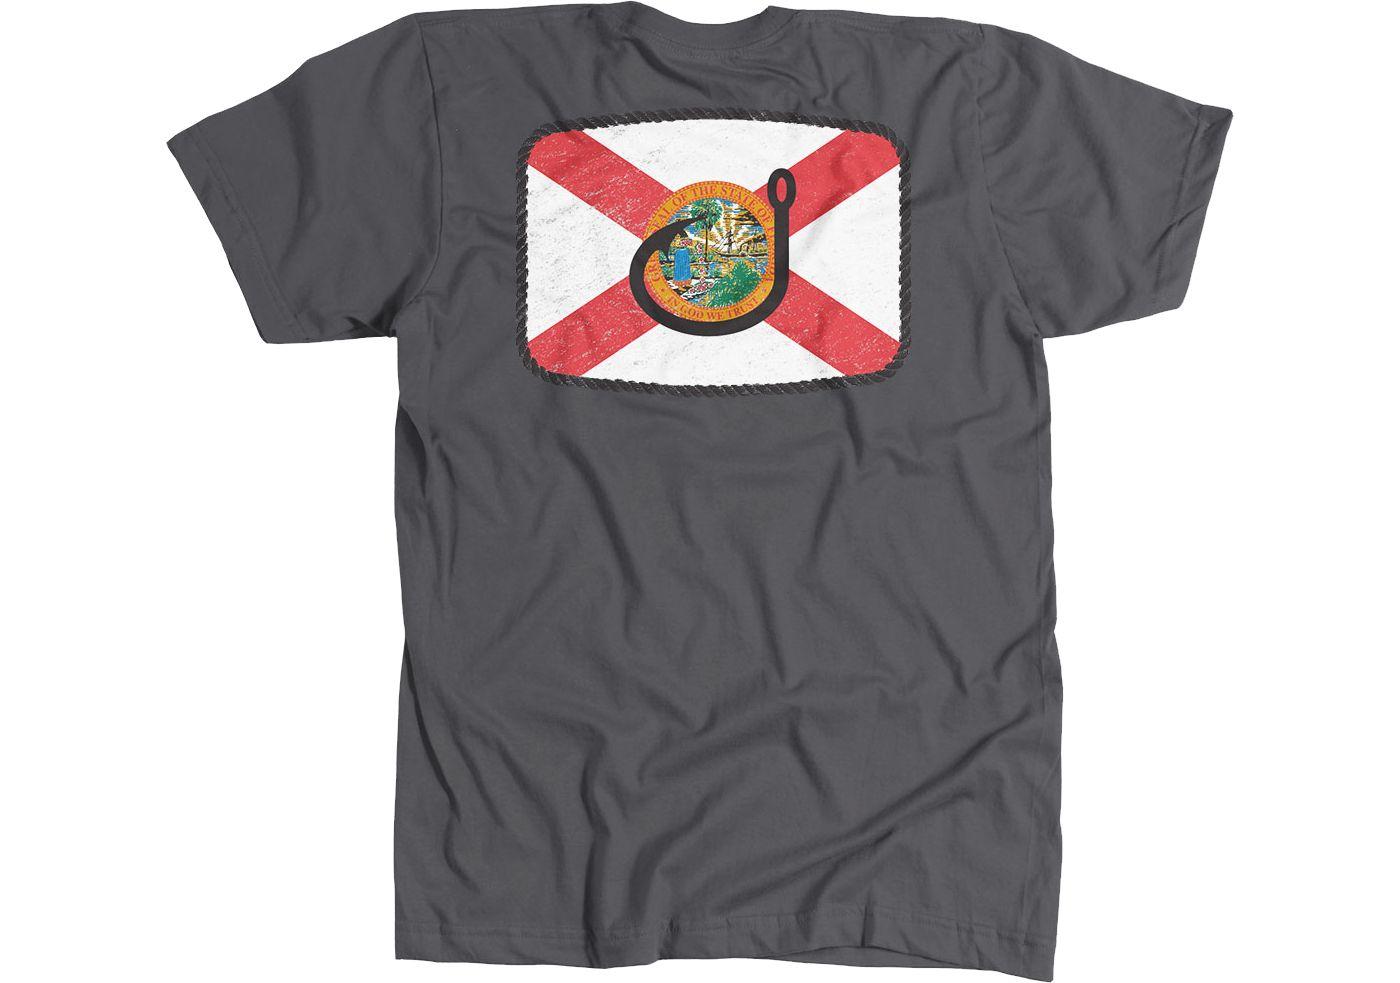 AVID Men's Floridian T-Shirt